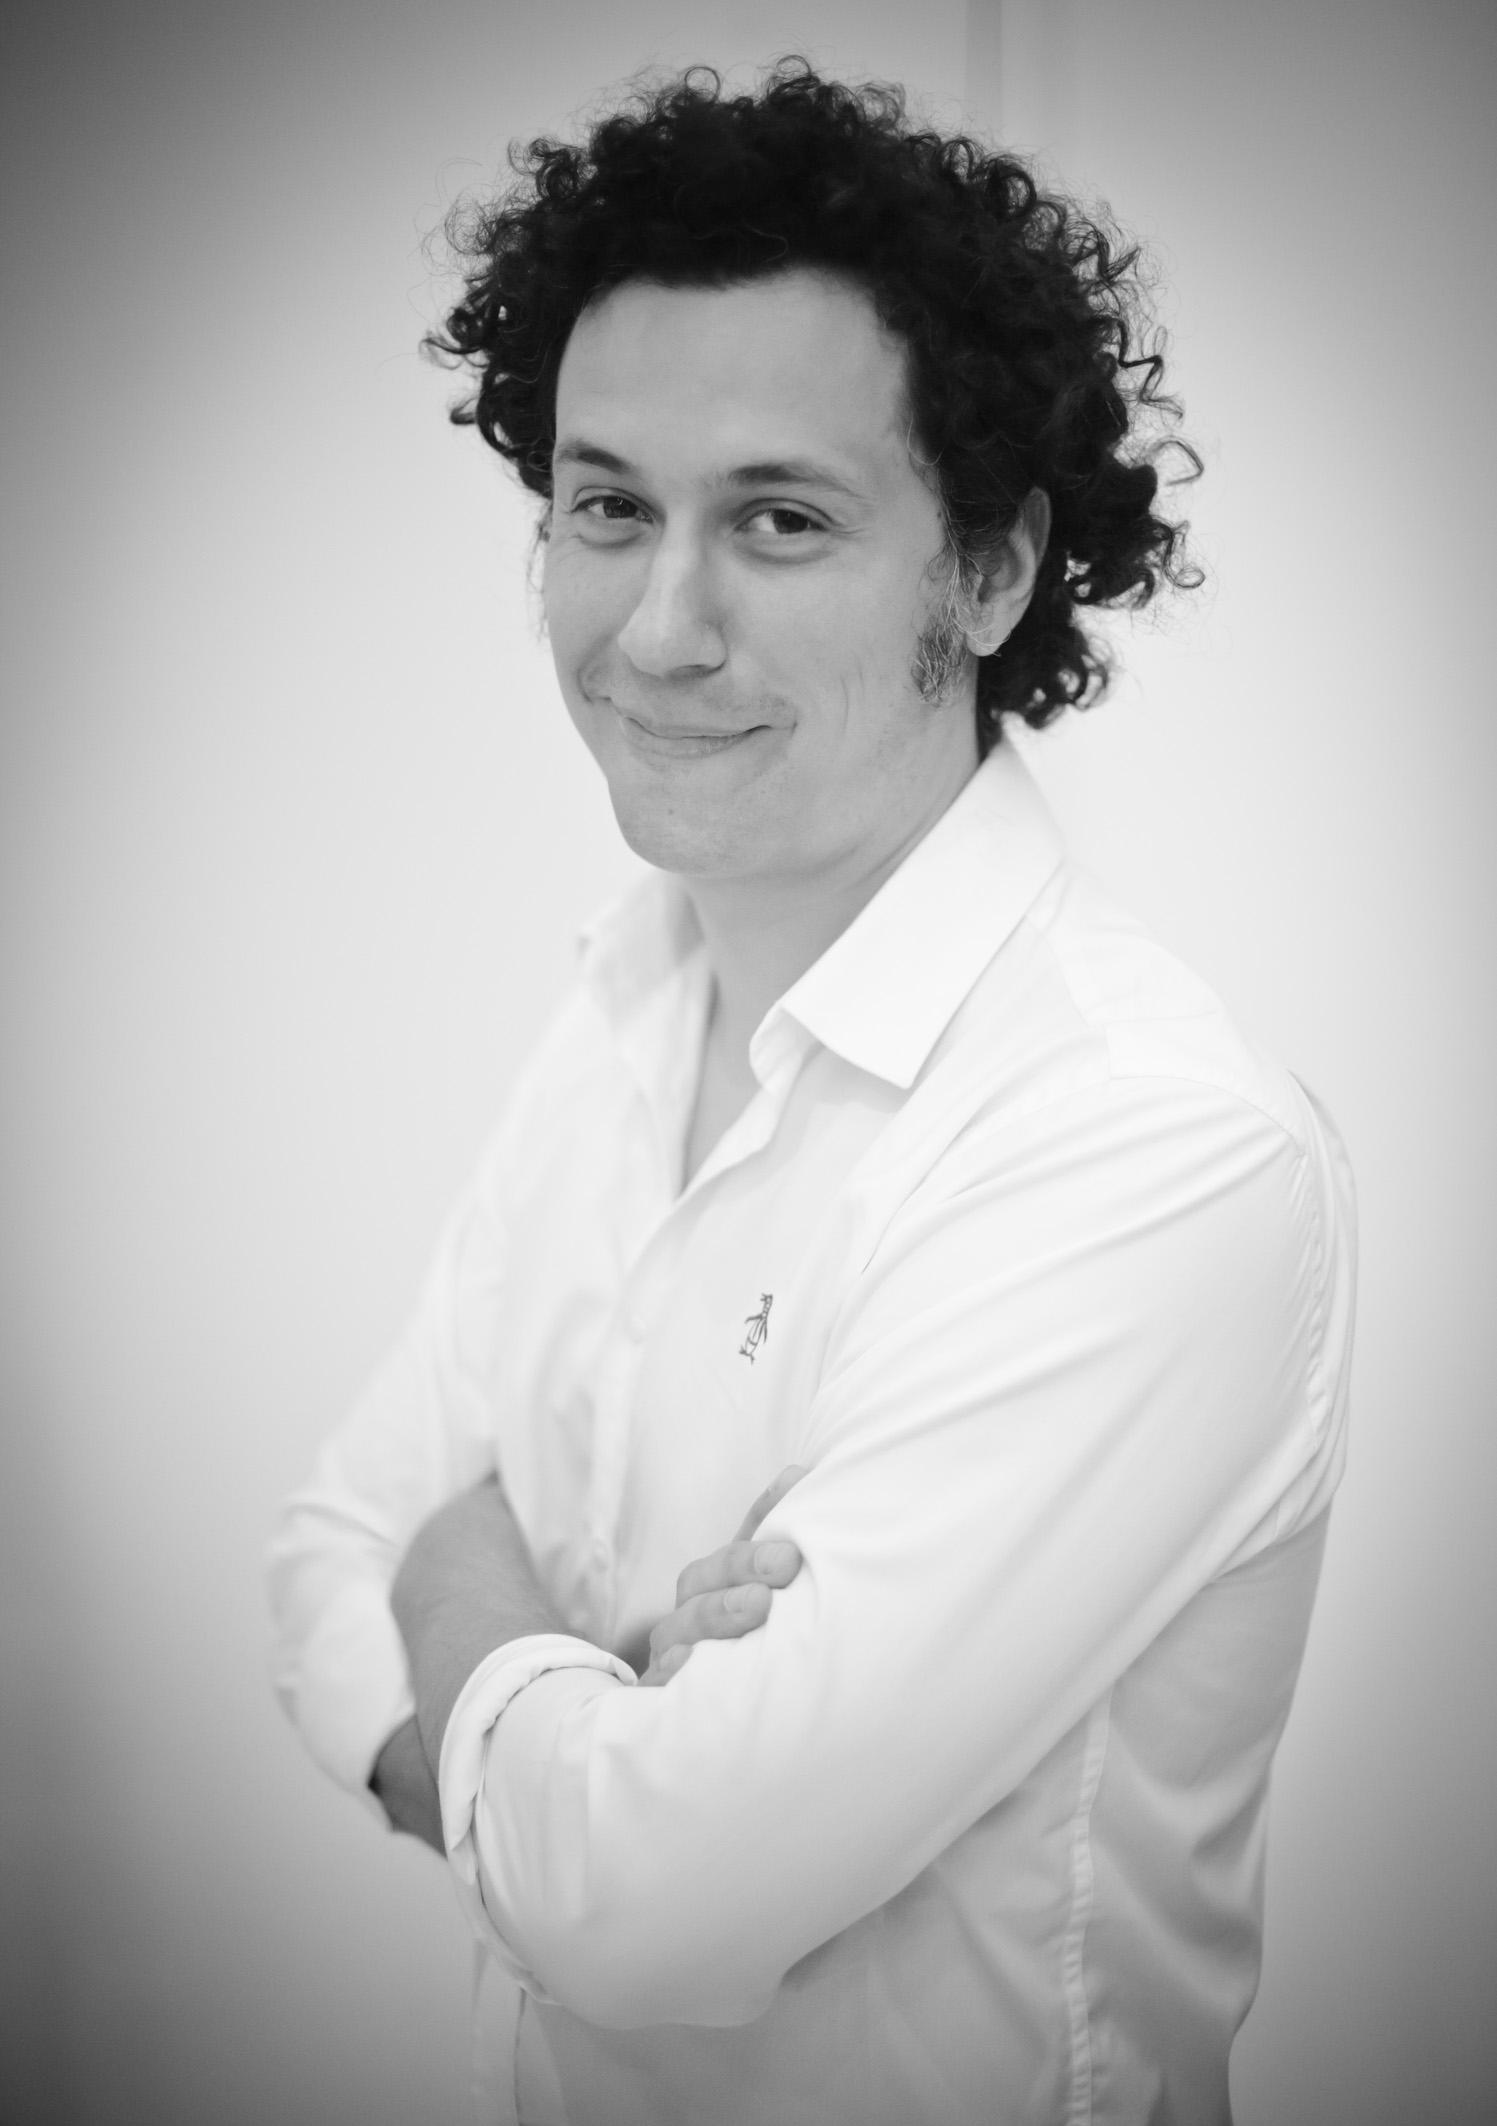 portrait-ricardo-romero.jpg